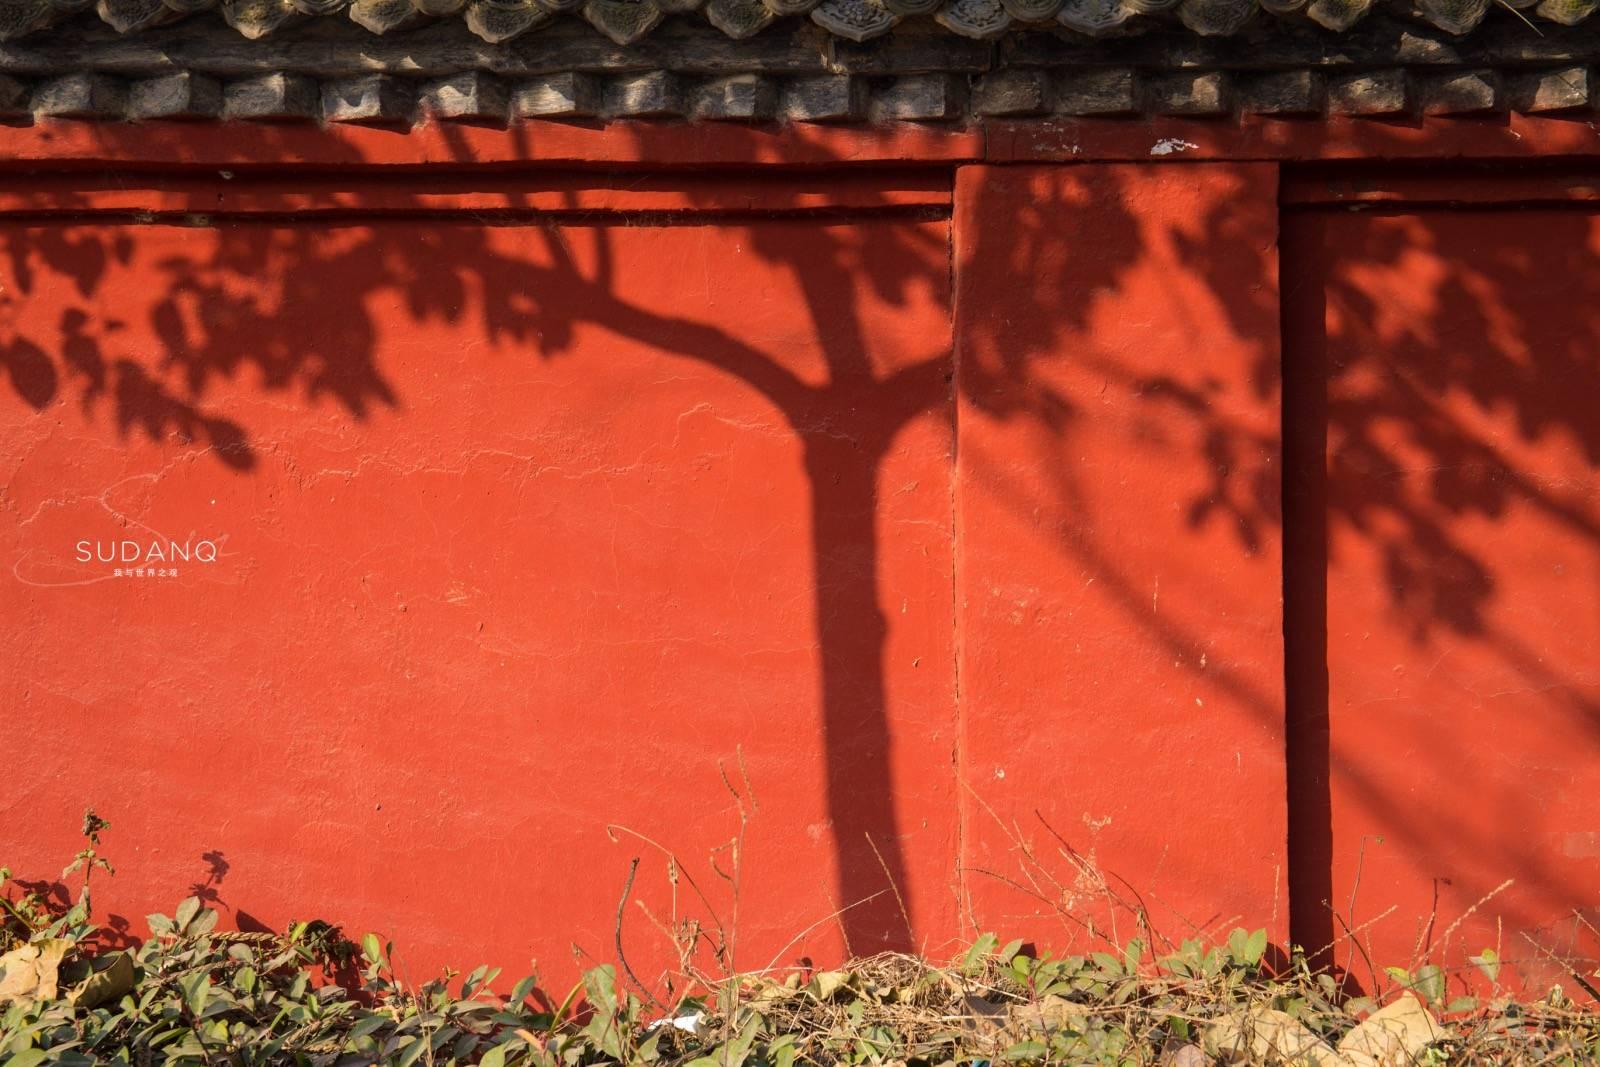 原创             西安一入秋,古老的河西走廊掀起风浪:一座鲜为人知的千年古寺